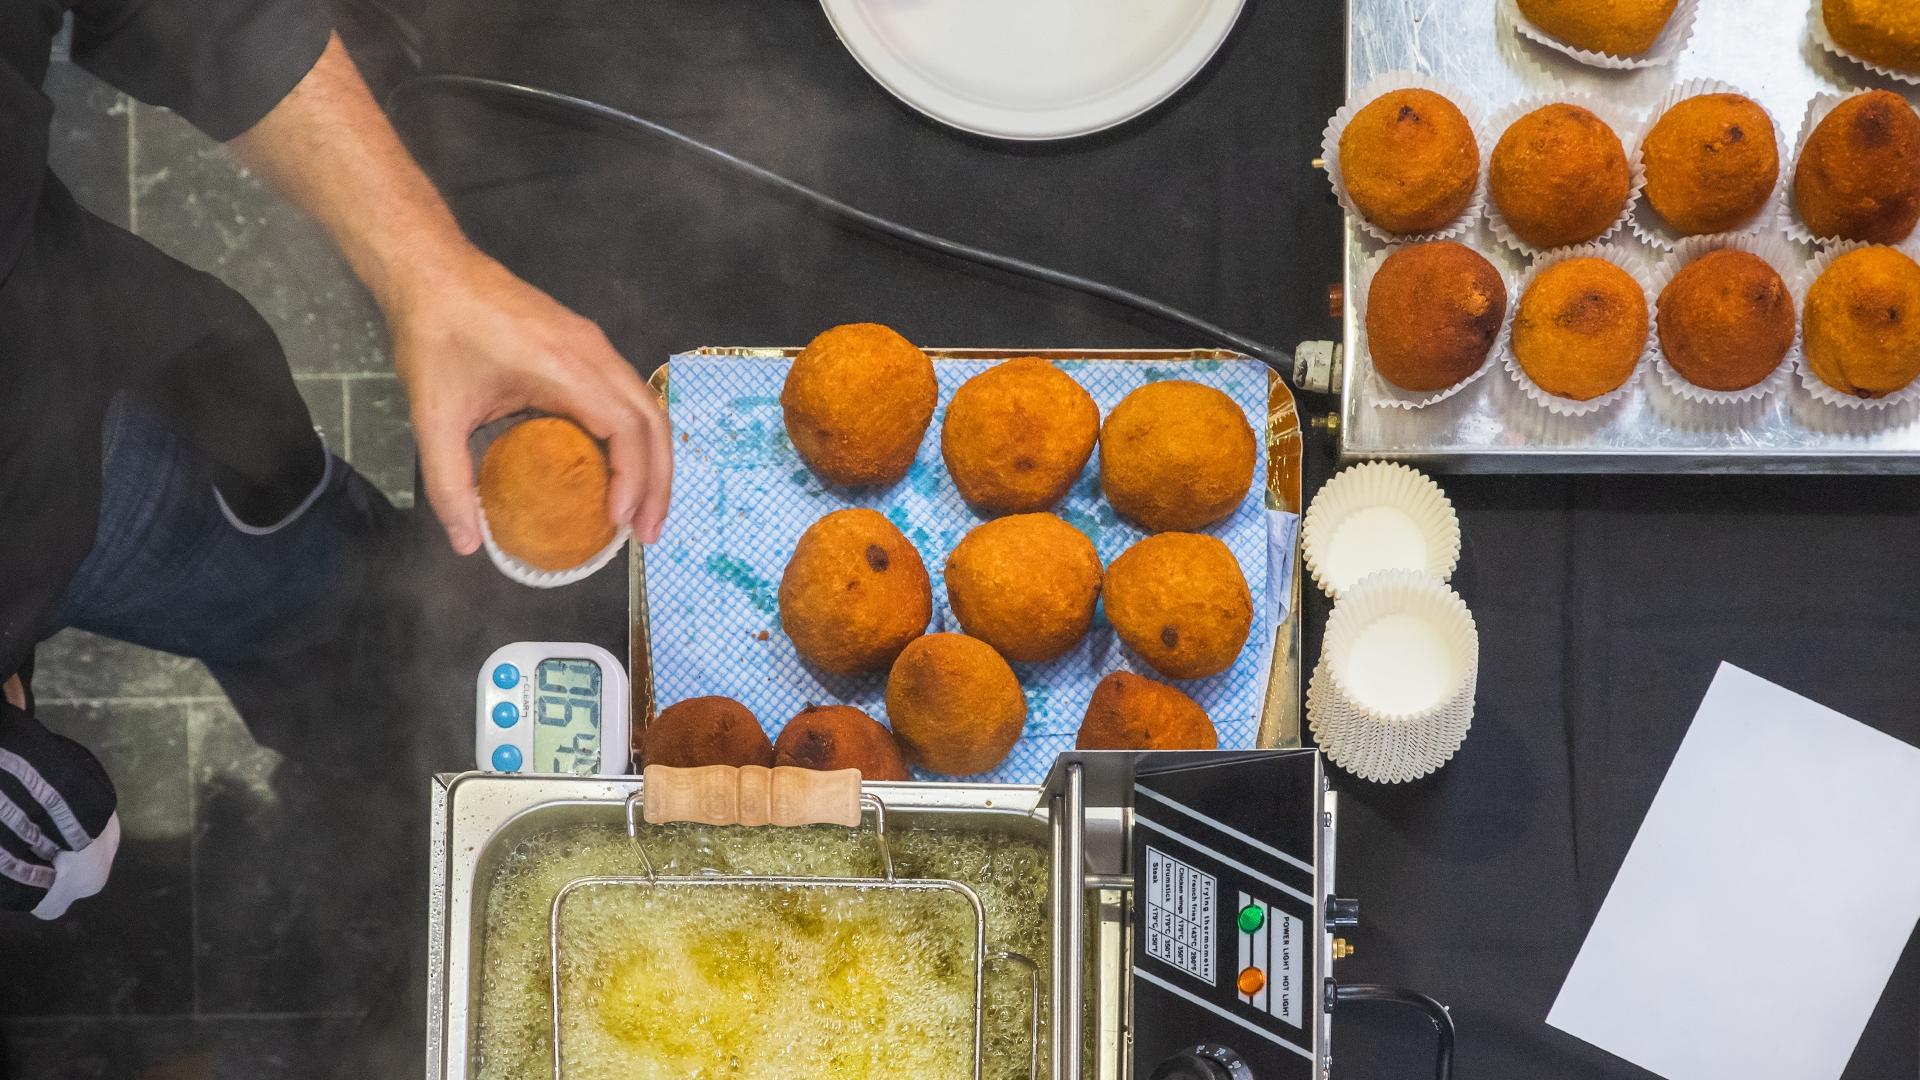 Sicilia da mangiare. Un viaggio tra profumi e sapori dello street food siciliano